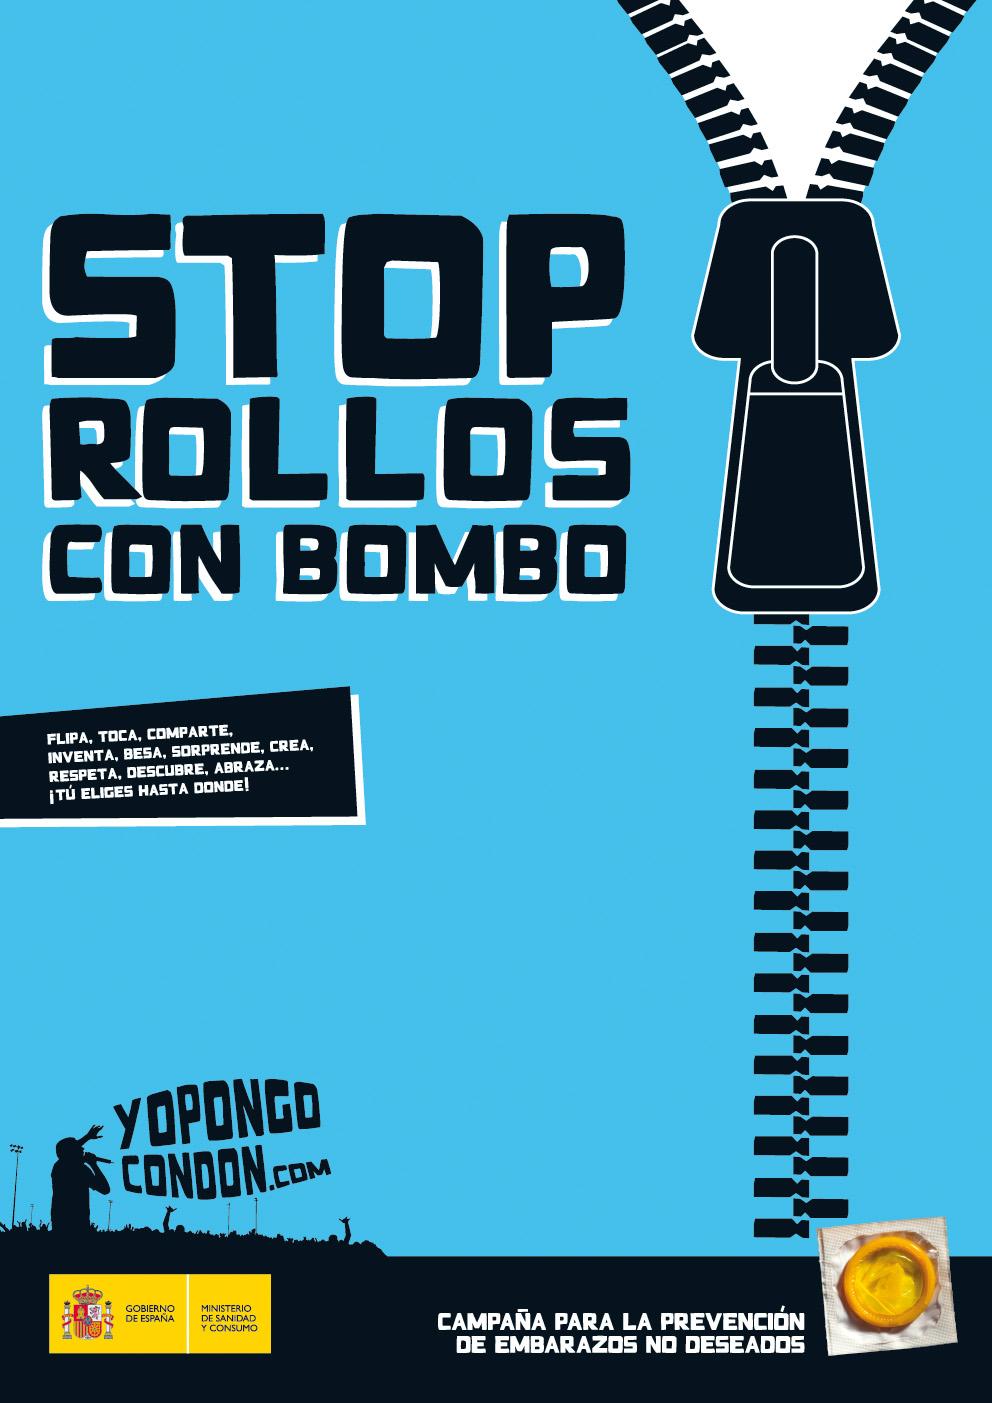 Sólo con condón, sólo con koko - Campaña uso del condón y prevención de embarazos no deseados